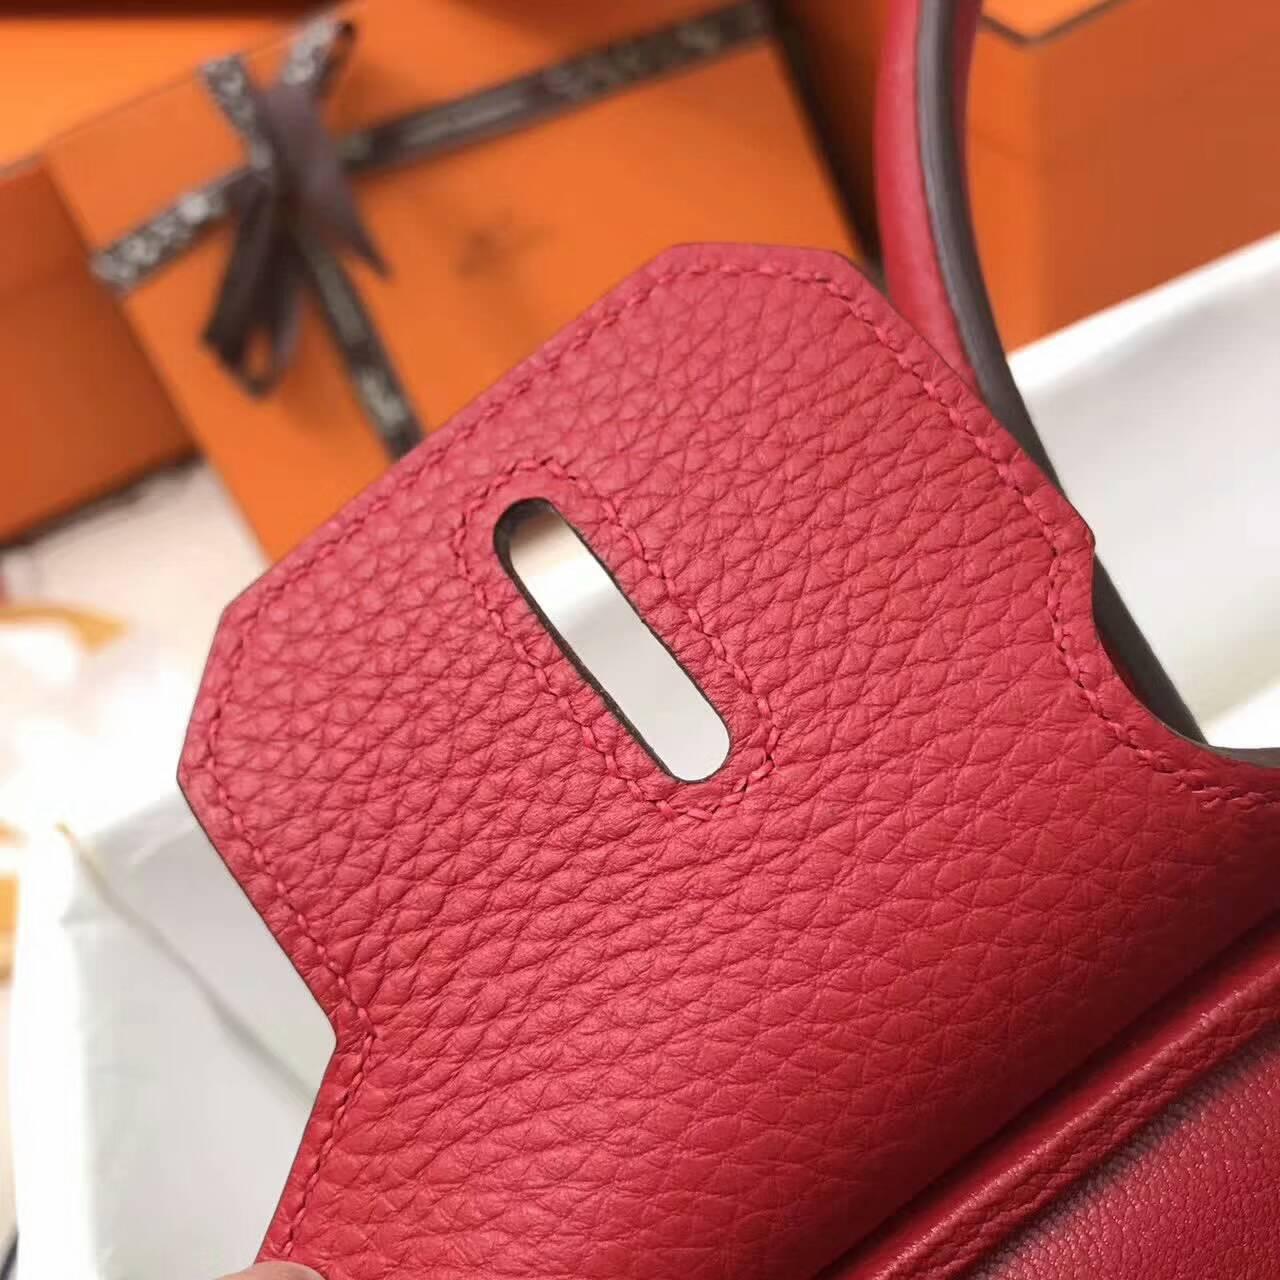 爱马仕包包全球同步发售 Birkin 30cm Togo 法国原产小牛皮 Q5 Rouge Casaqbe 中国红 银扣